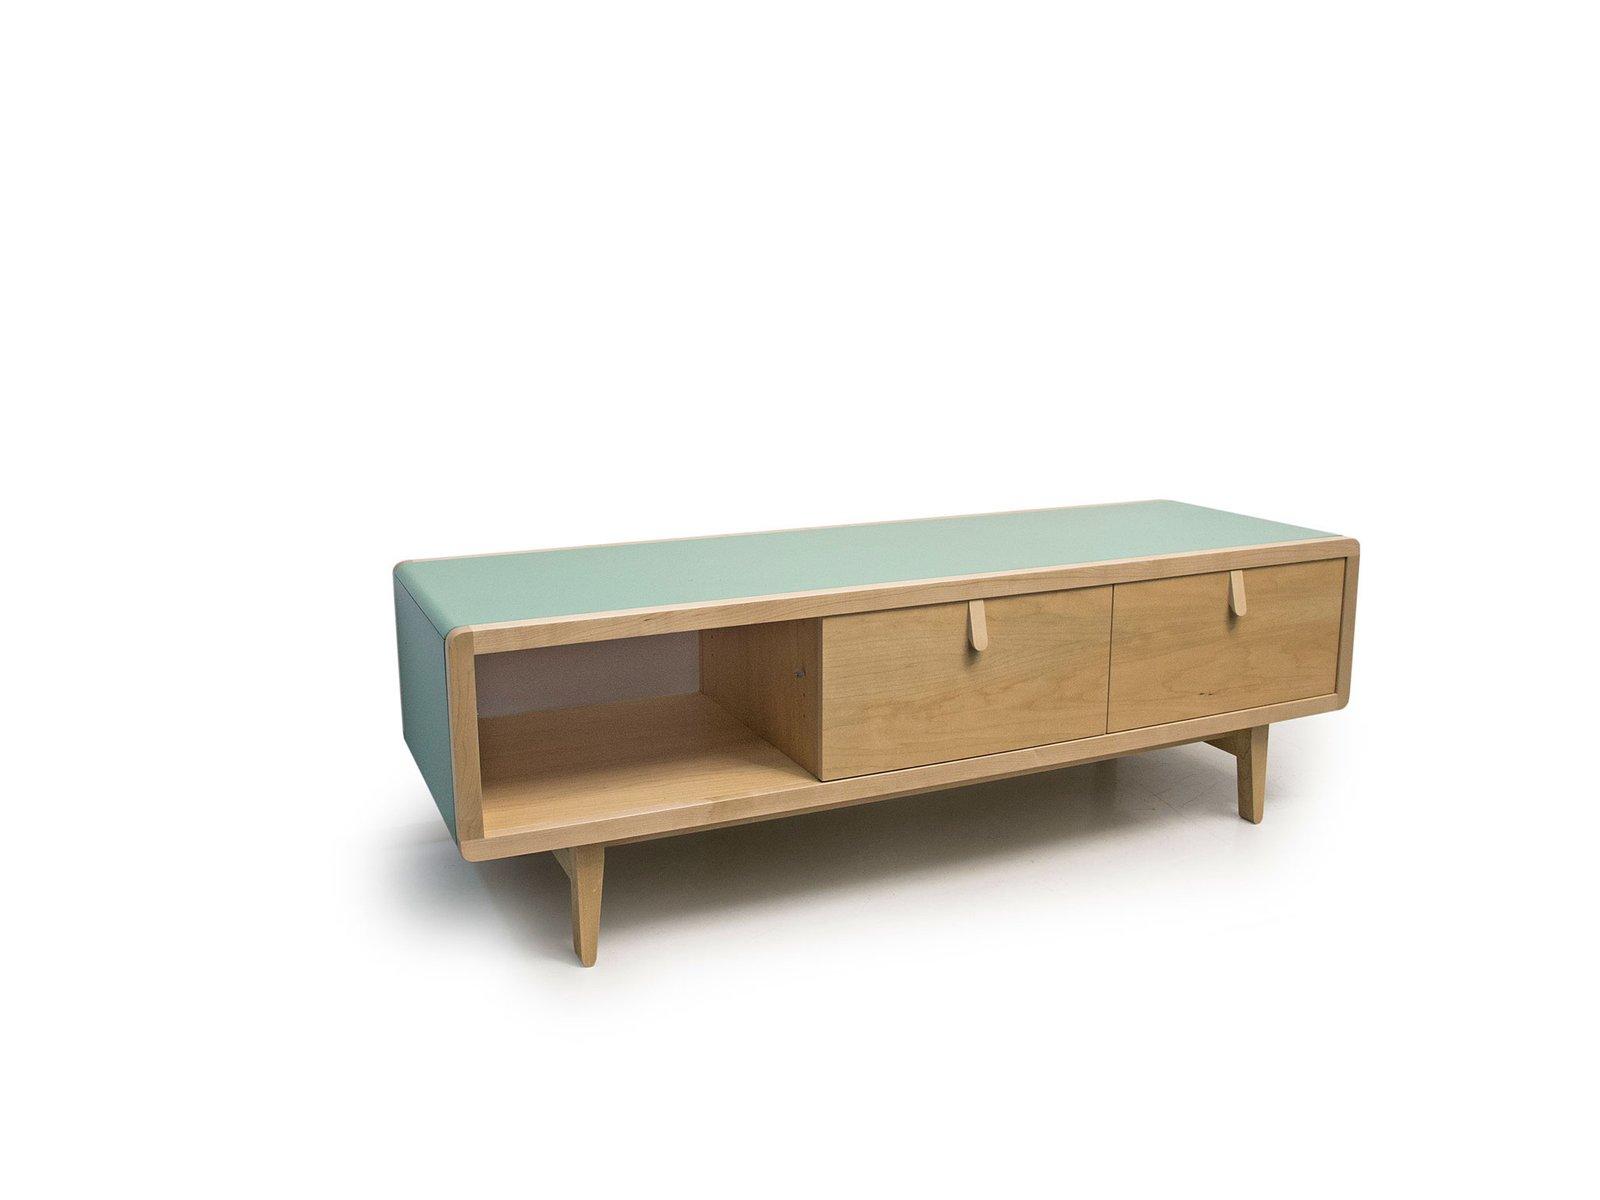 Modell little antoinette v2 0 sideboard von piurra bei for Sideboard 2 m lang